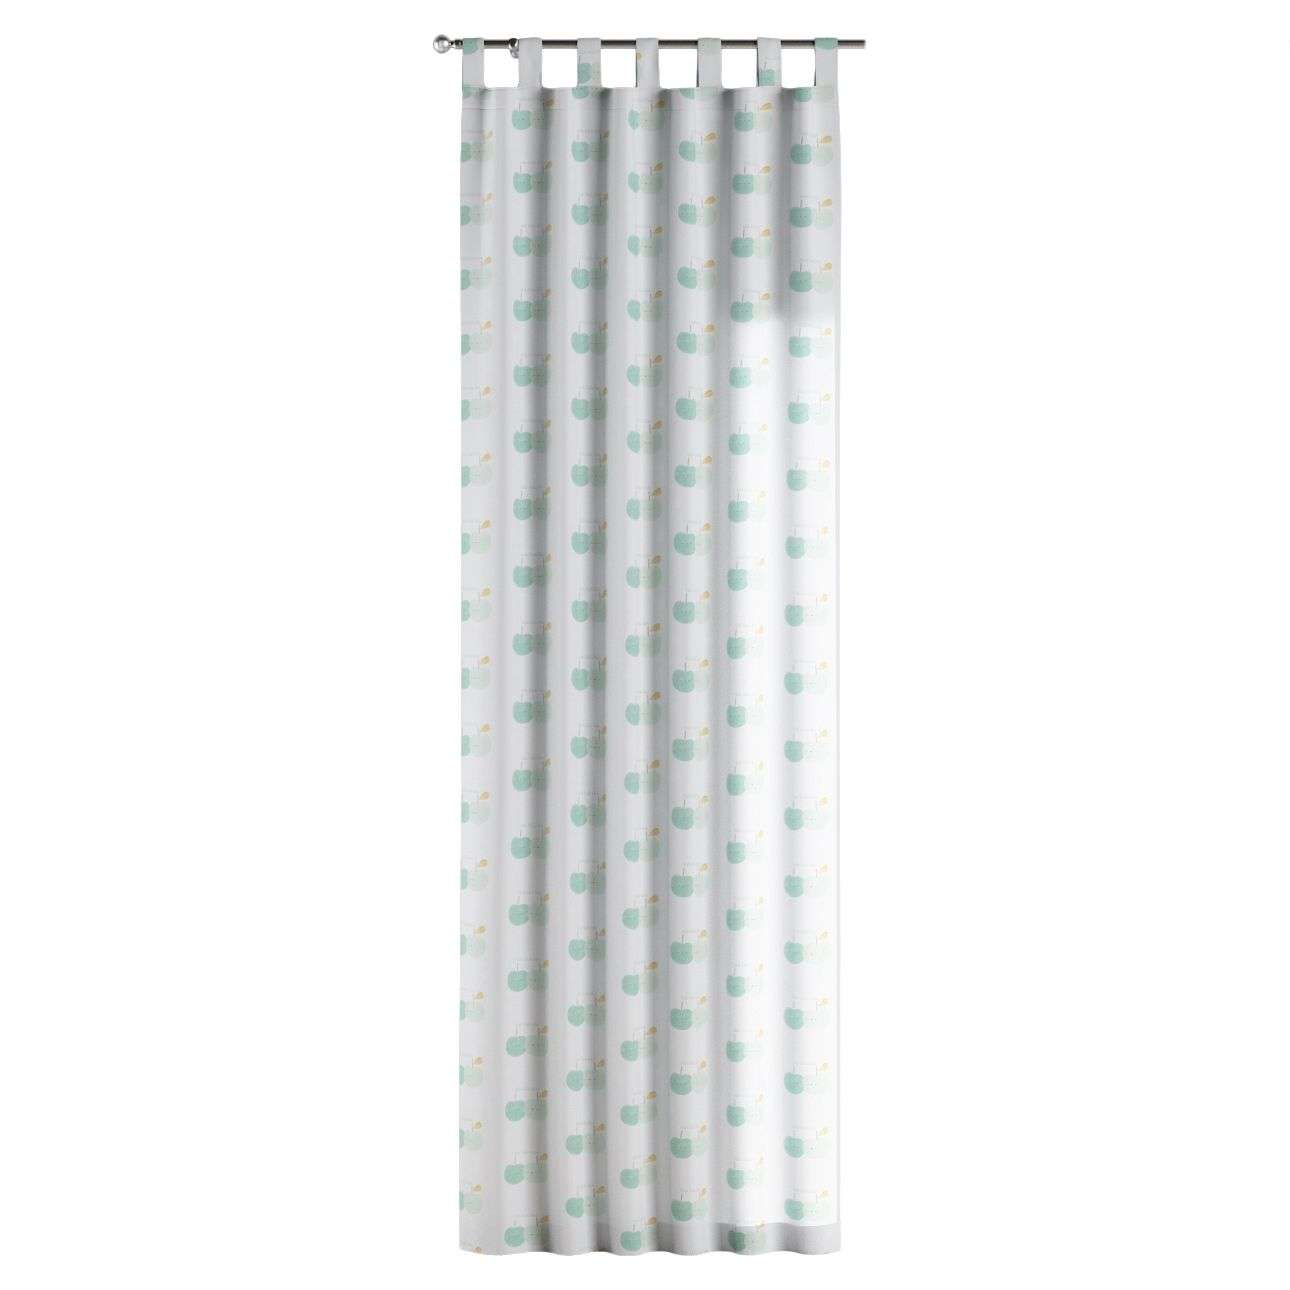 Závěs na poutka 130 x 260 cm v kolekci Apanona, látka: 151-02